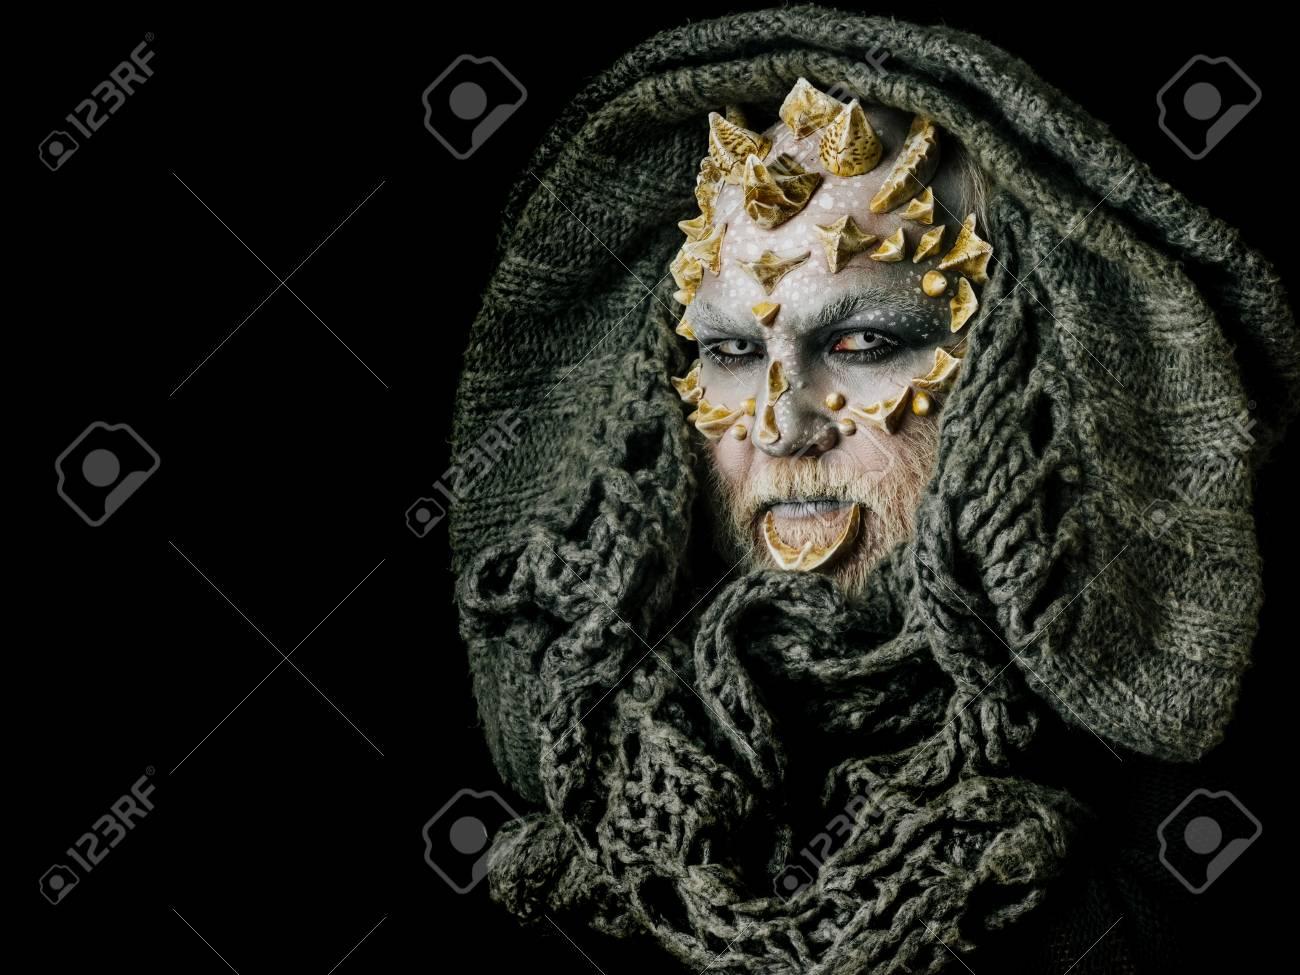 Monster Gesicht Mit Weißen Augen Dornen Und Warzen Alien Oder